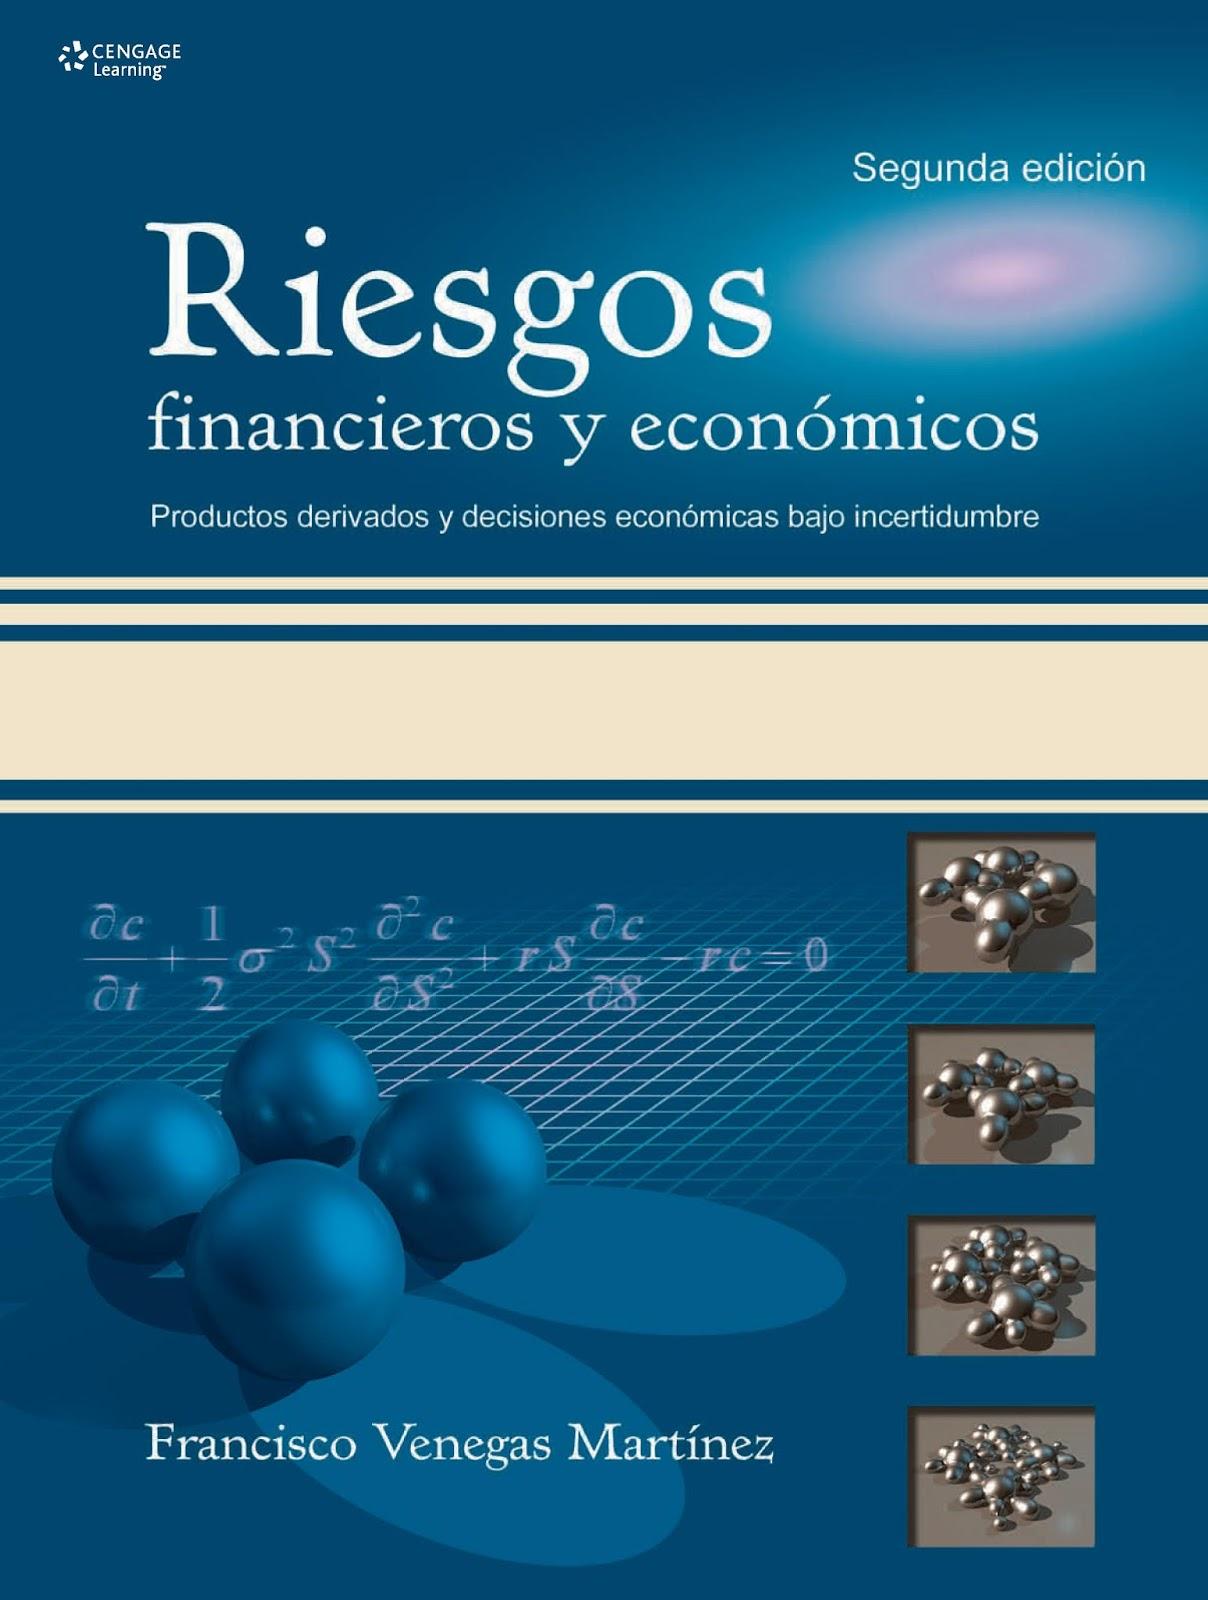 Riesgos financieros y económicos: Productos derivados y decisiones económicas bajo incertidumbre, 2da. Edición – Francisco Venegas Martínez